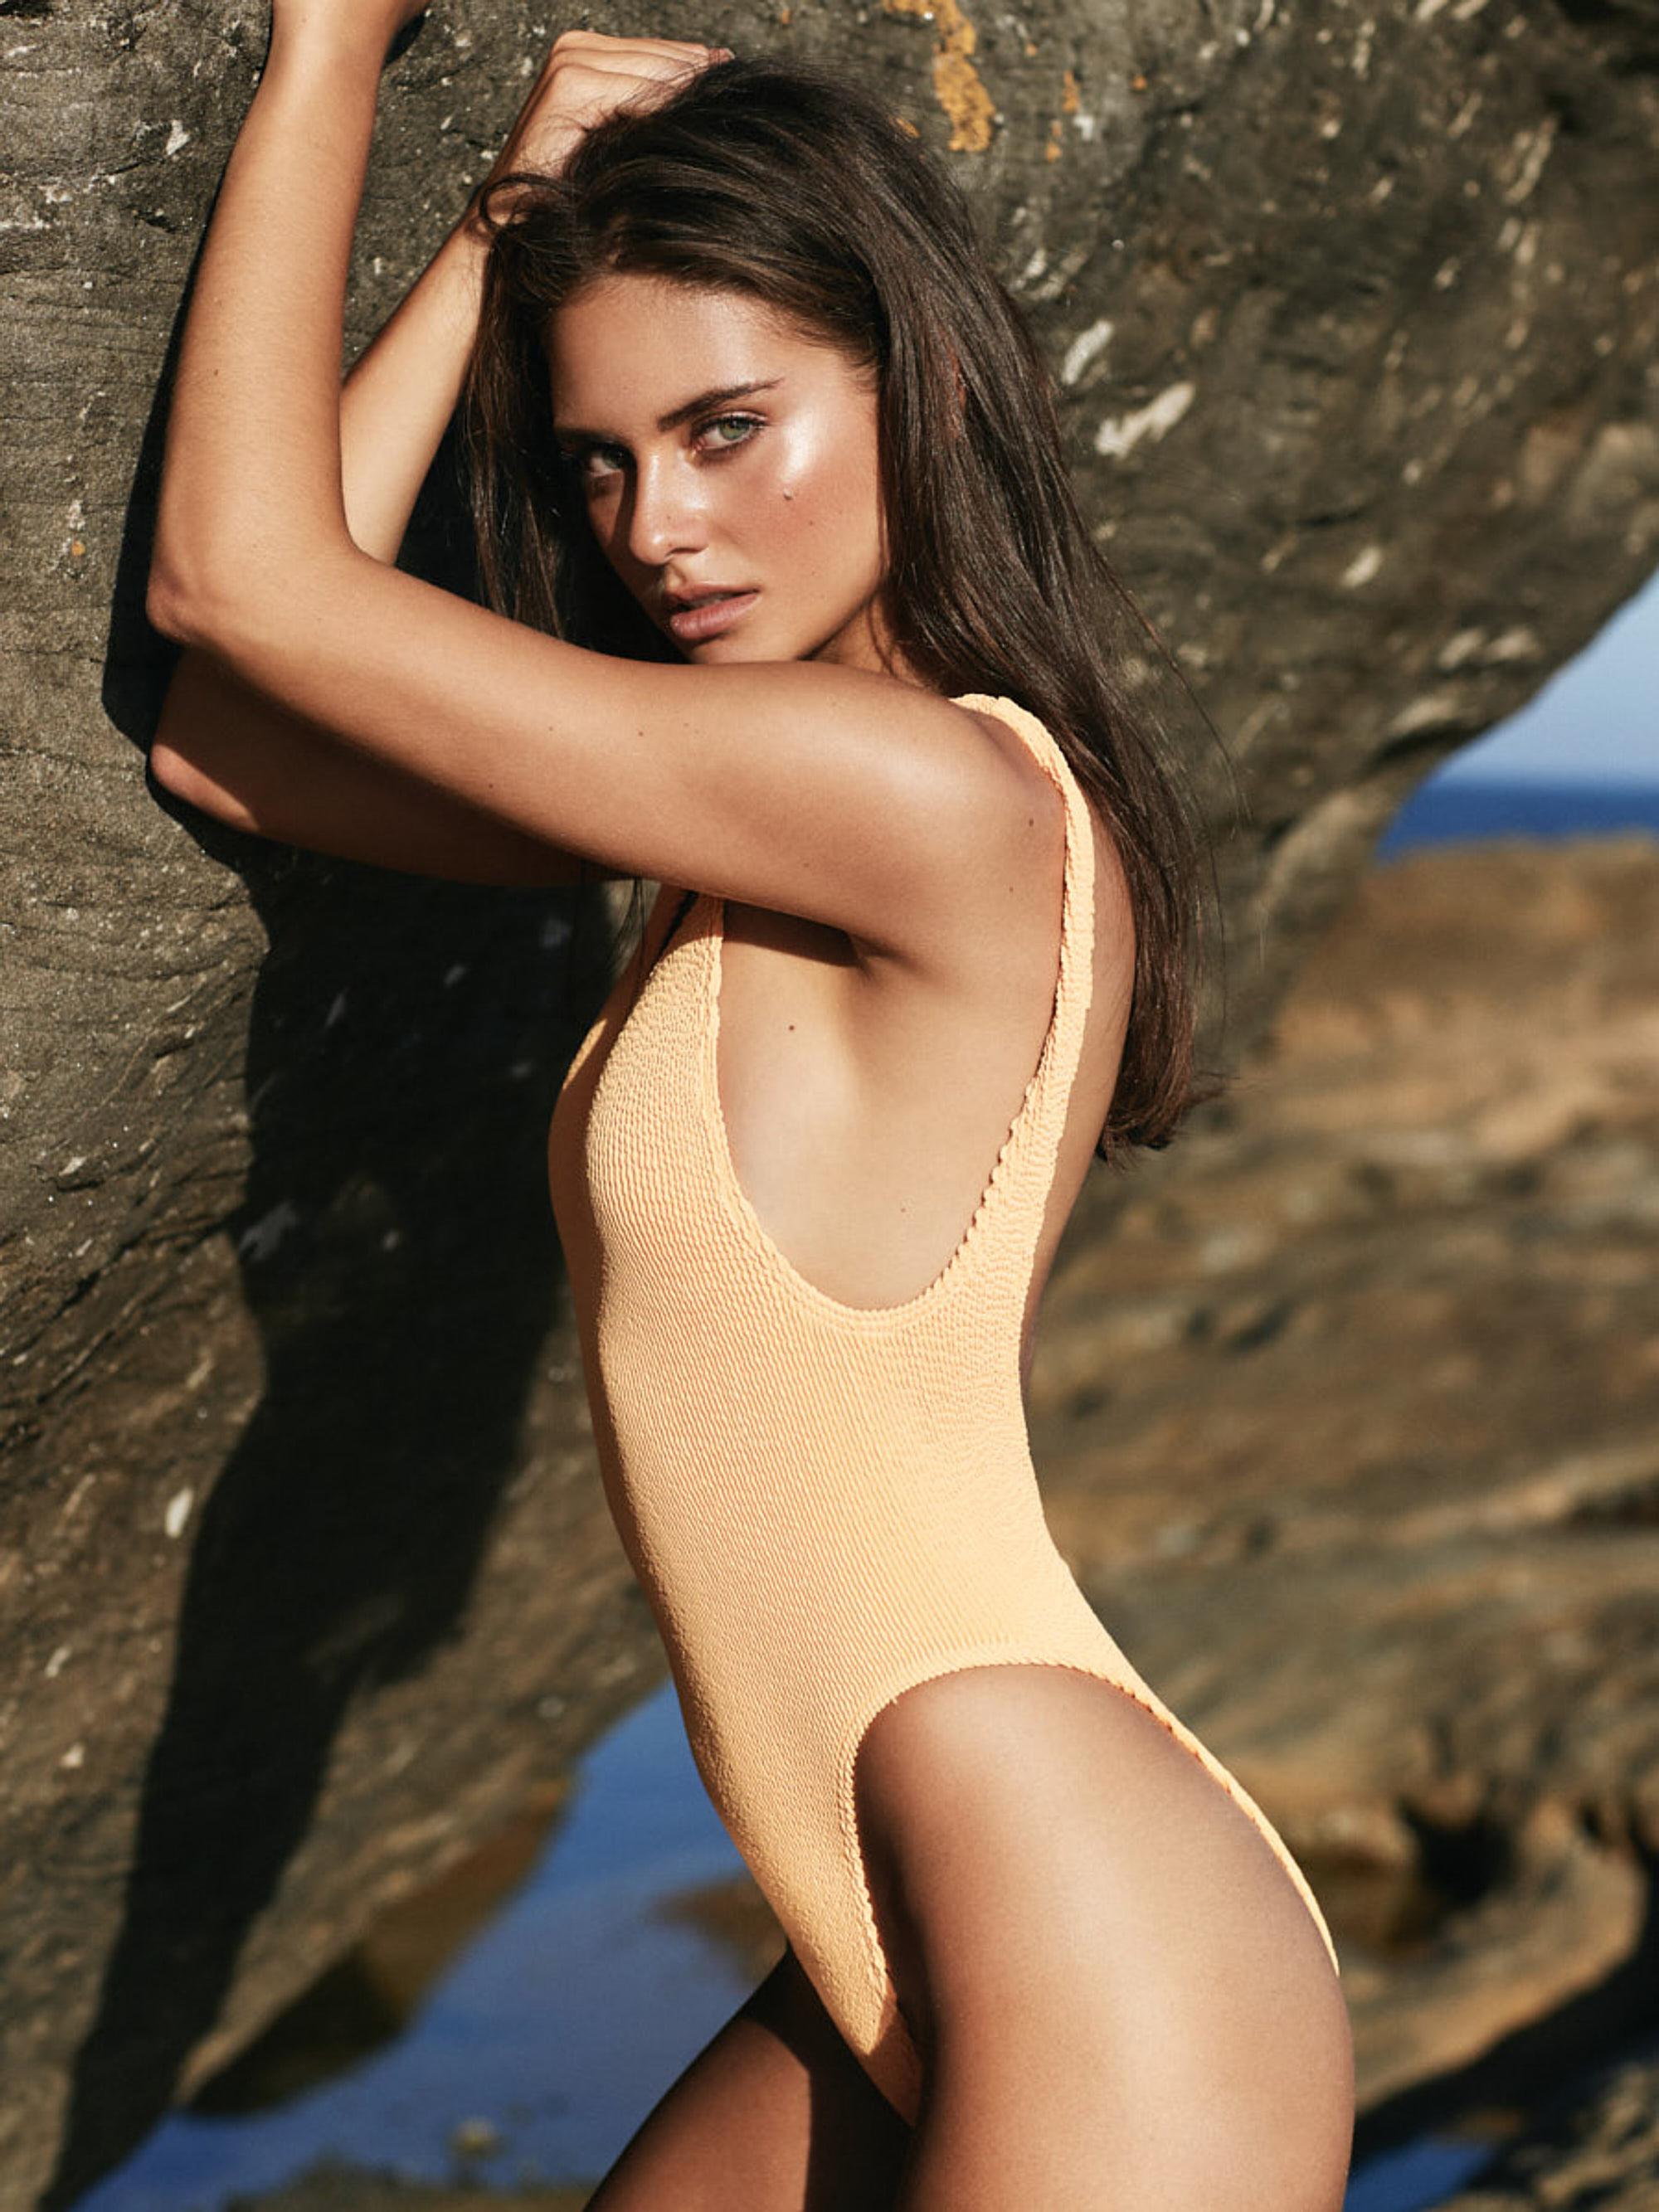 Bondeye swimwear bondi beach by simon everiss.jpg